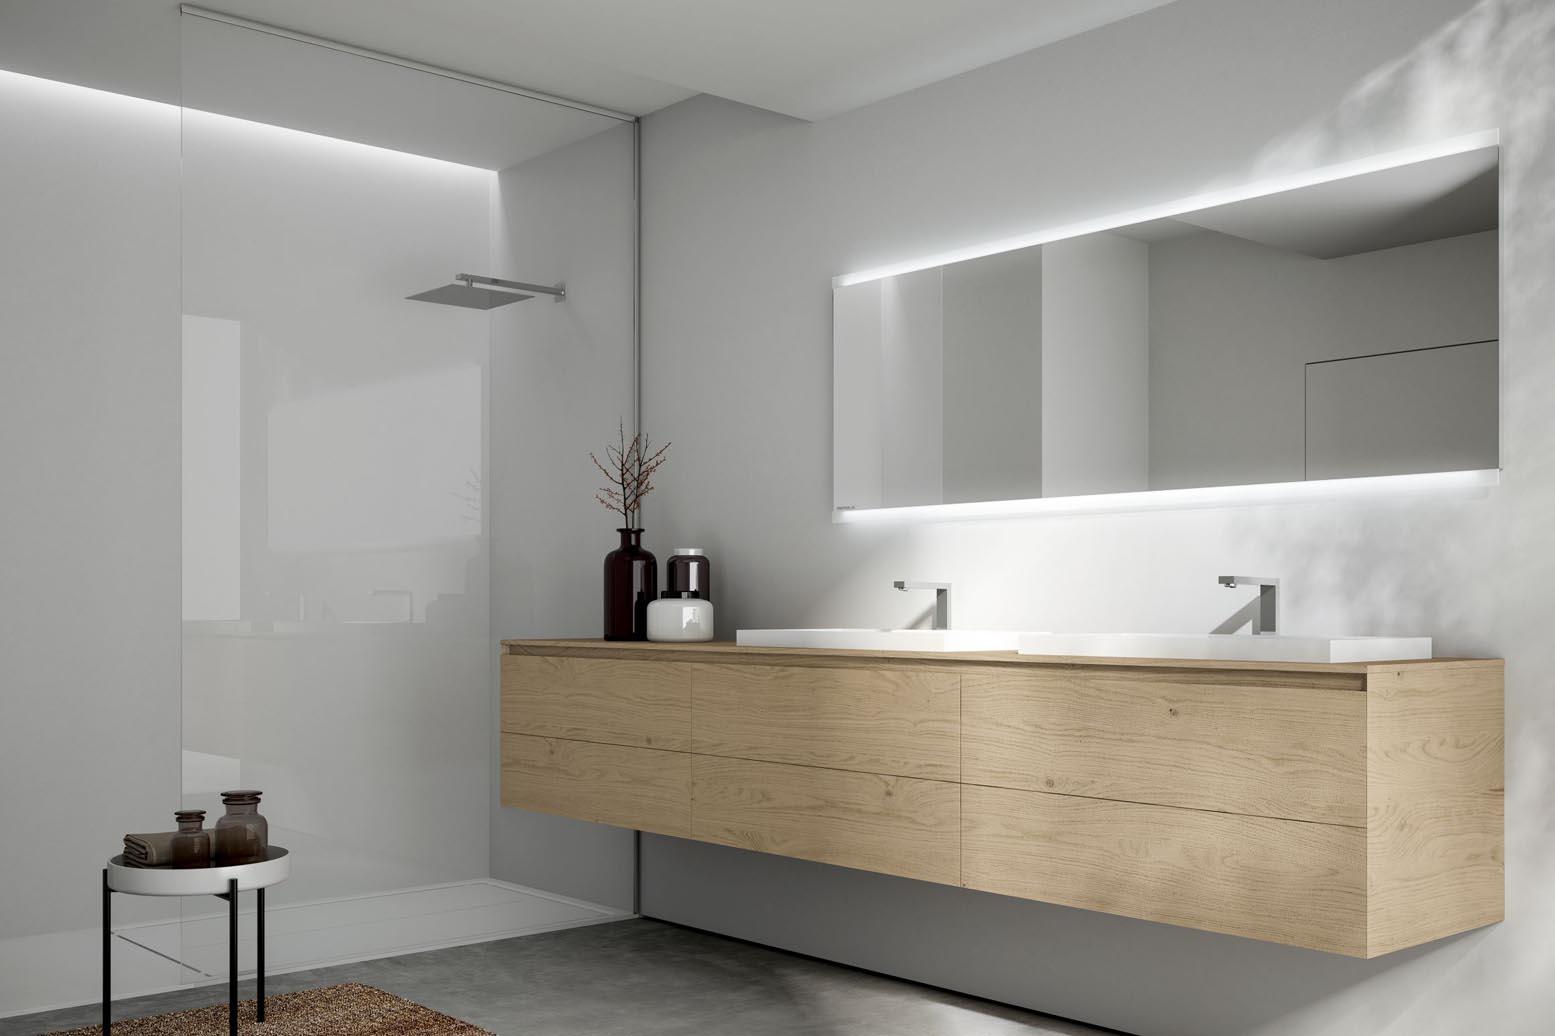 Le meuble sur mesure par excellence en bois pour la salle de bain